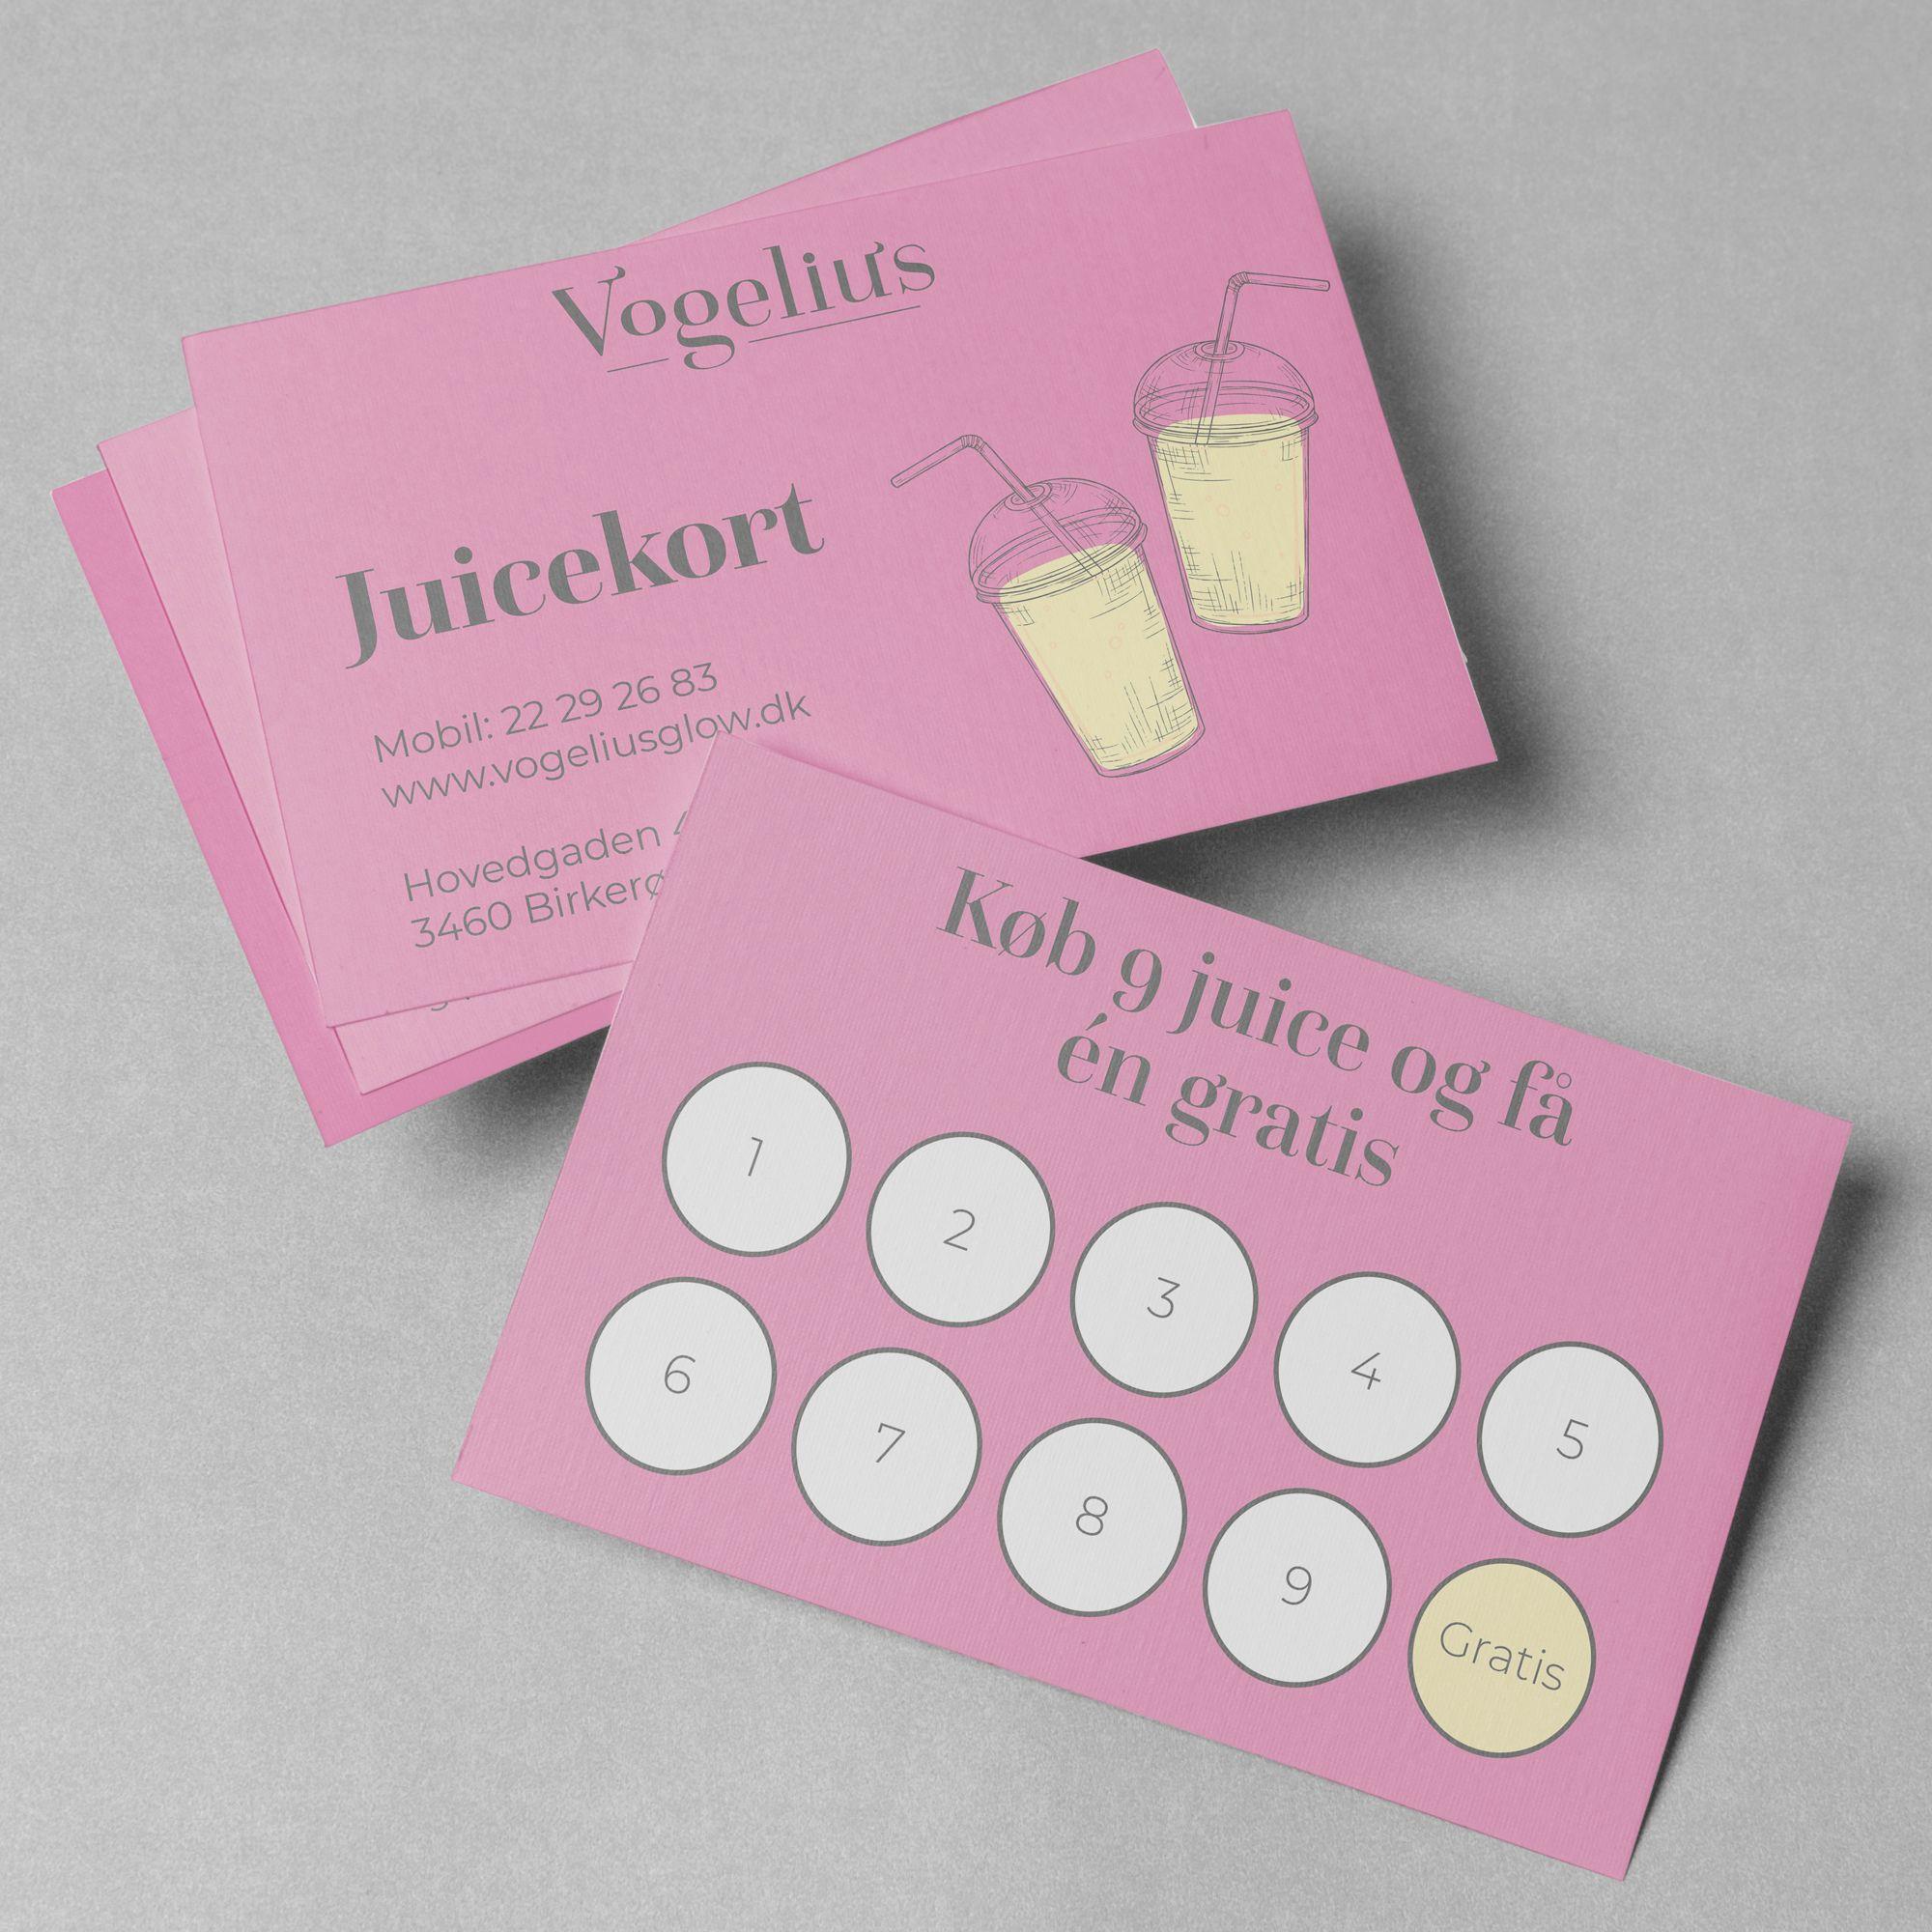 grafisk designer juicekort